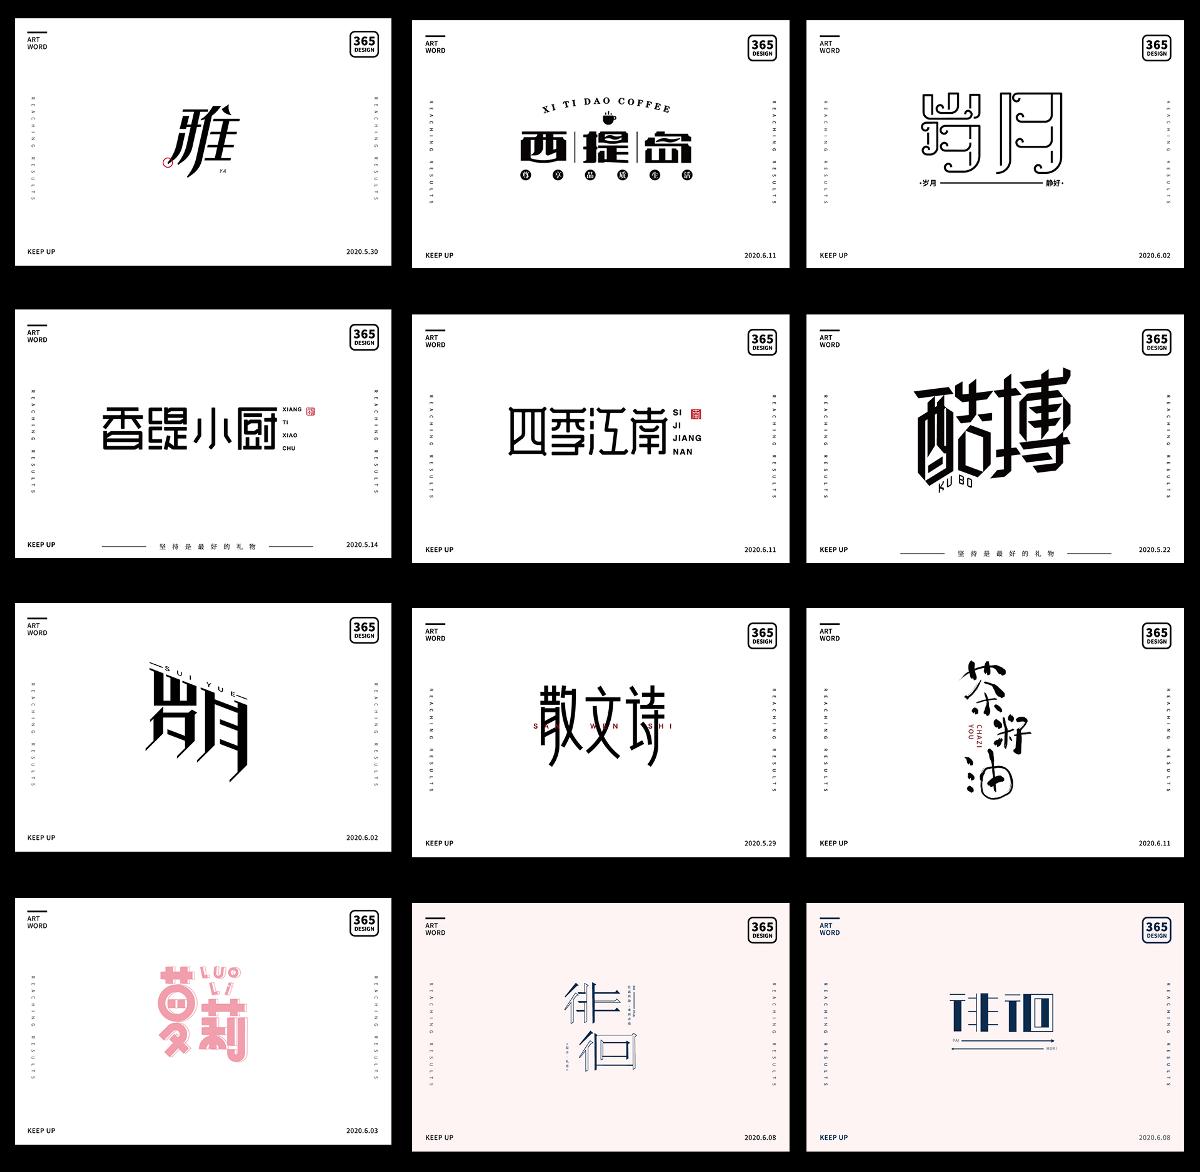 2020年上半年字体设计合集